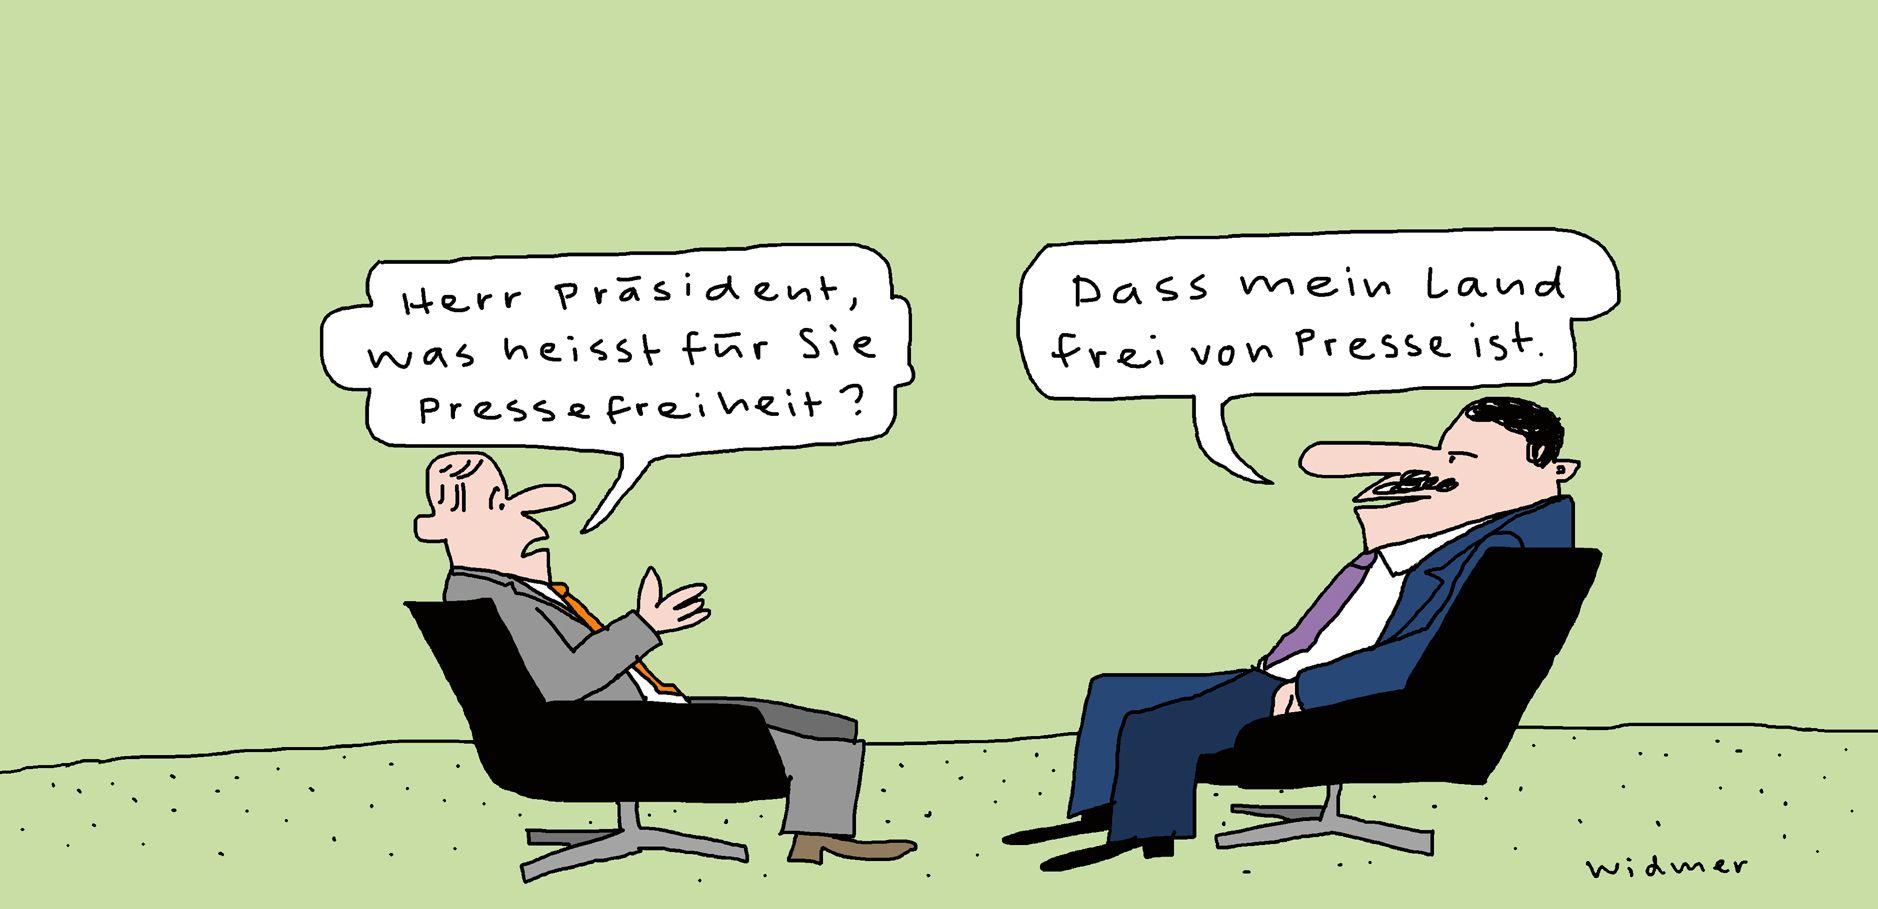 Pressefreiheit_Karikatur